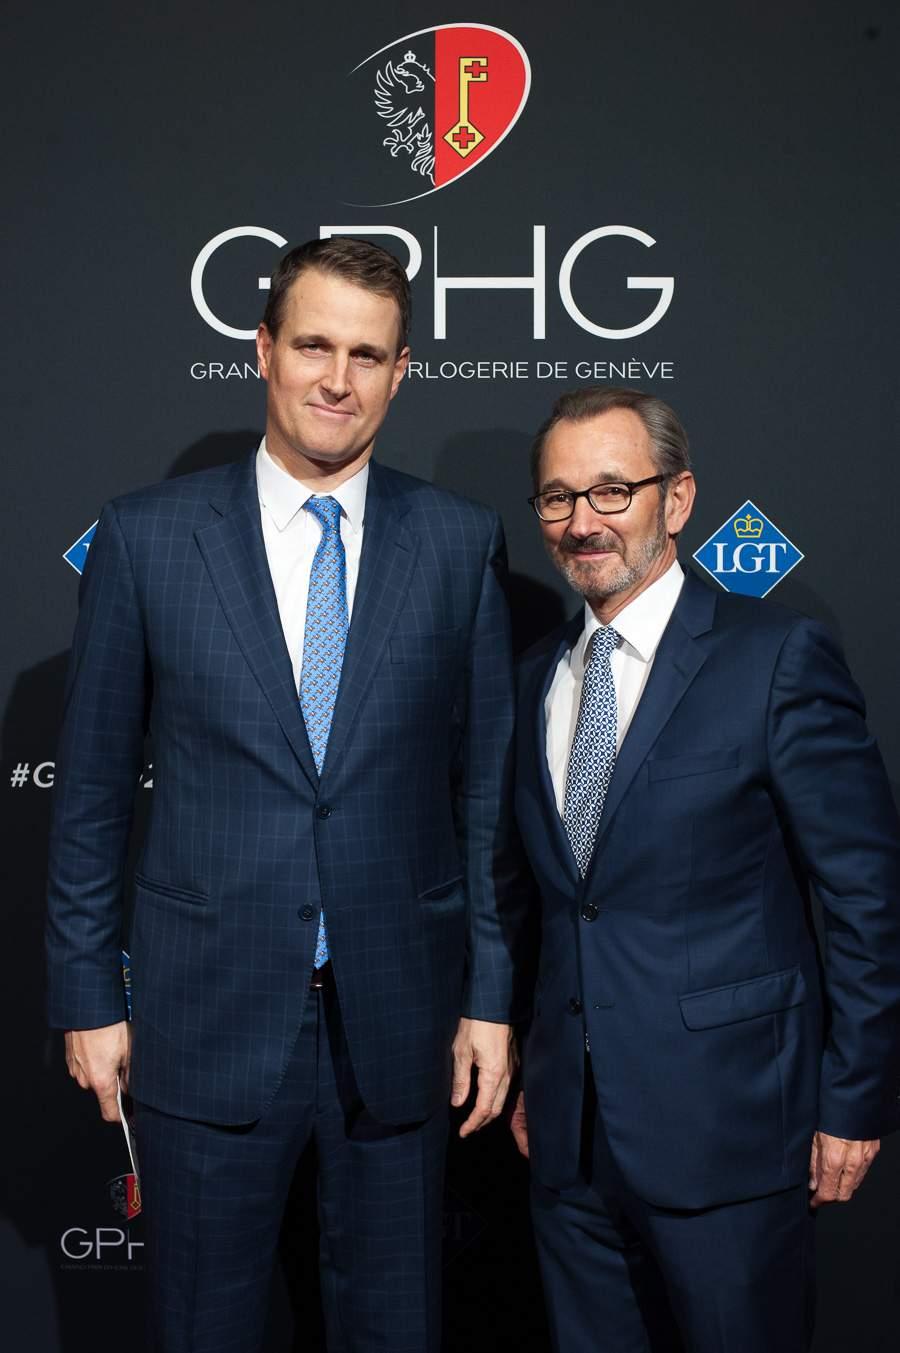 S.A.S. Prince Hubertus von und zu Liechtenstein and Raymond Loretan, President of the GPHG Foundation